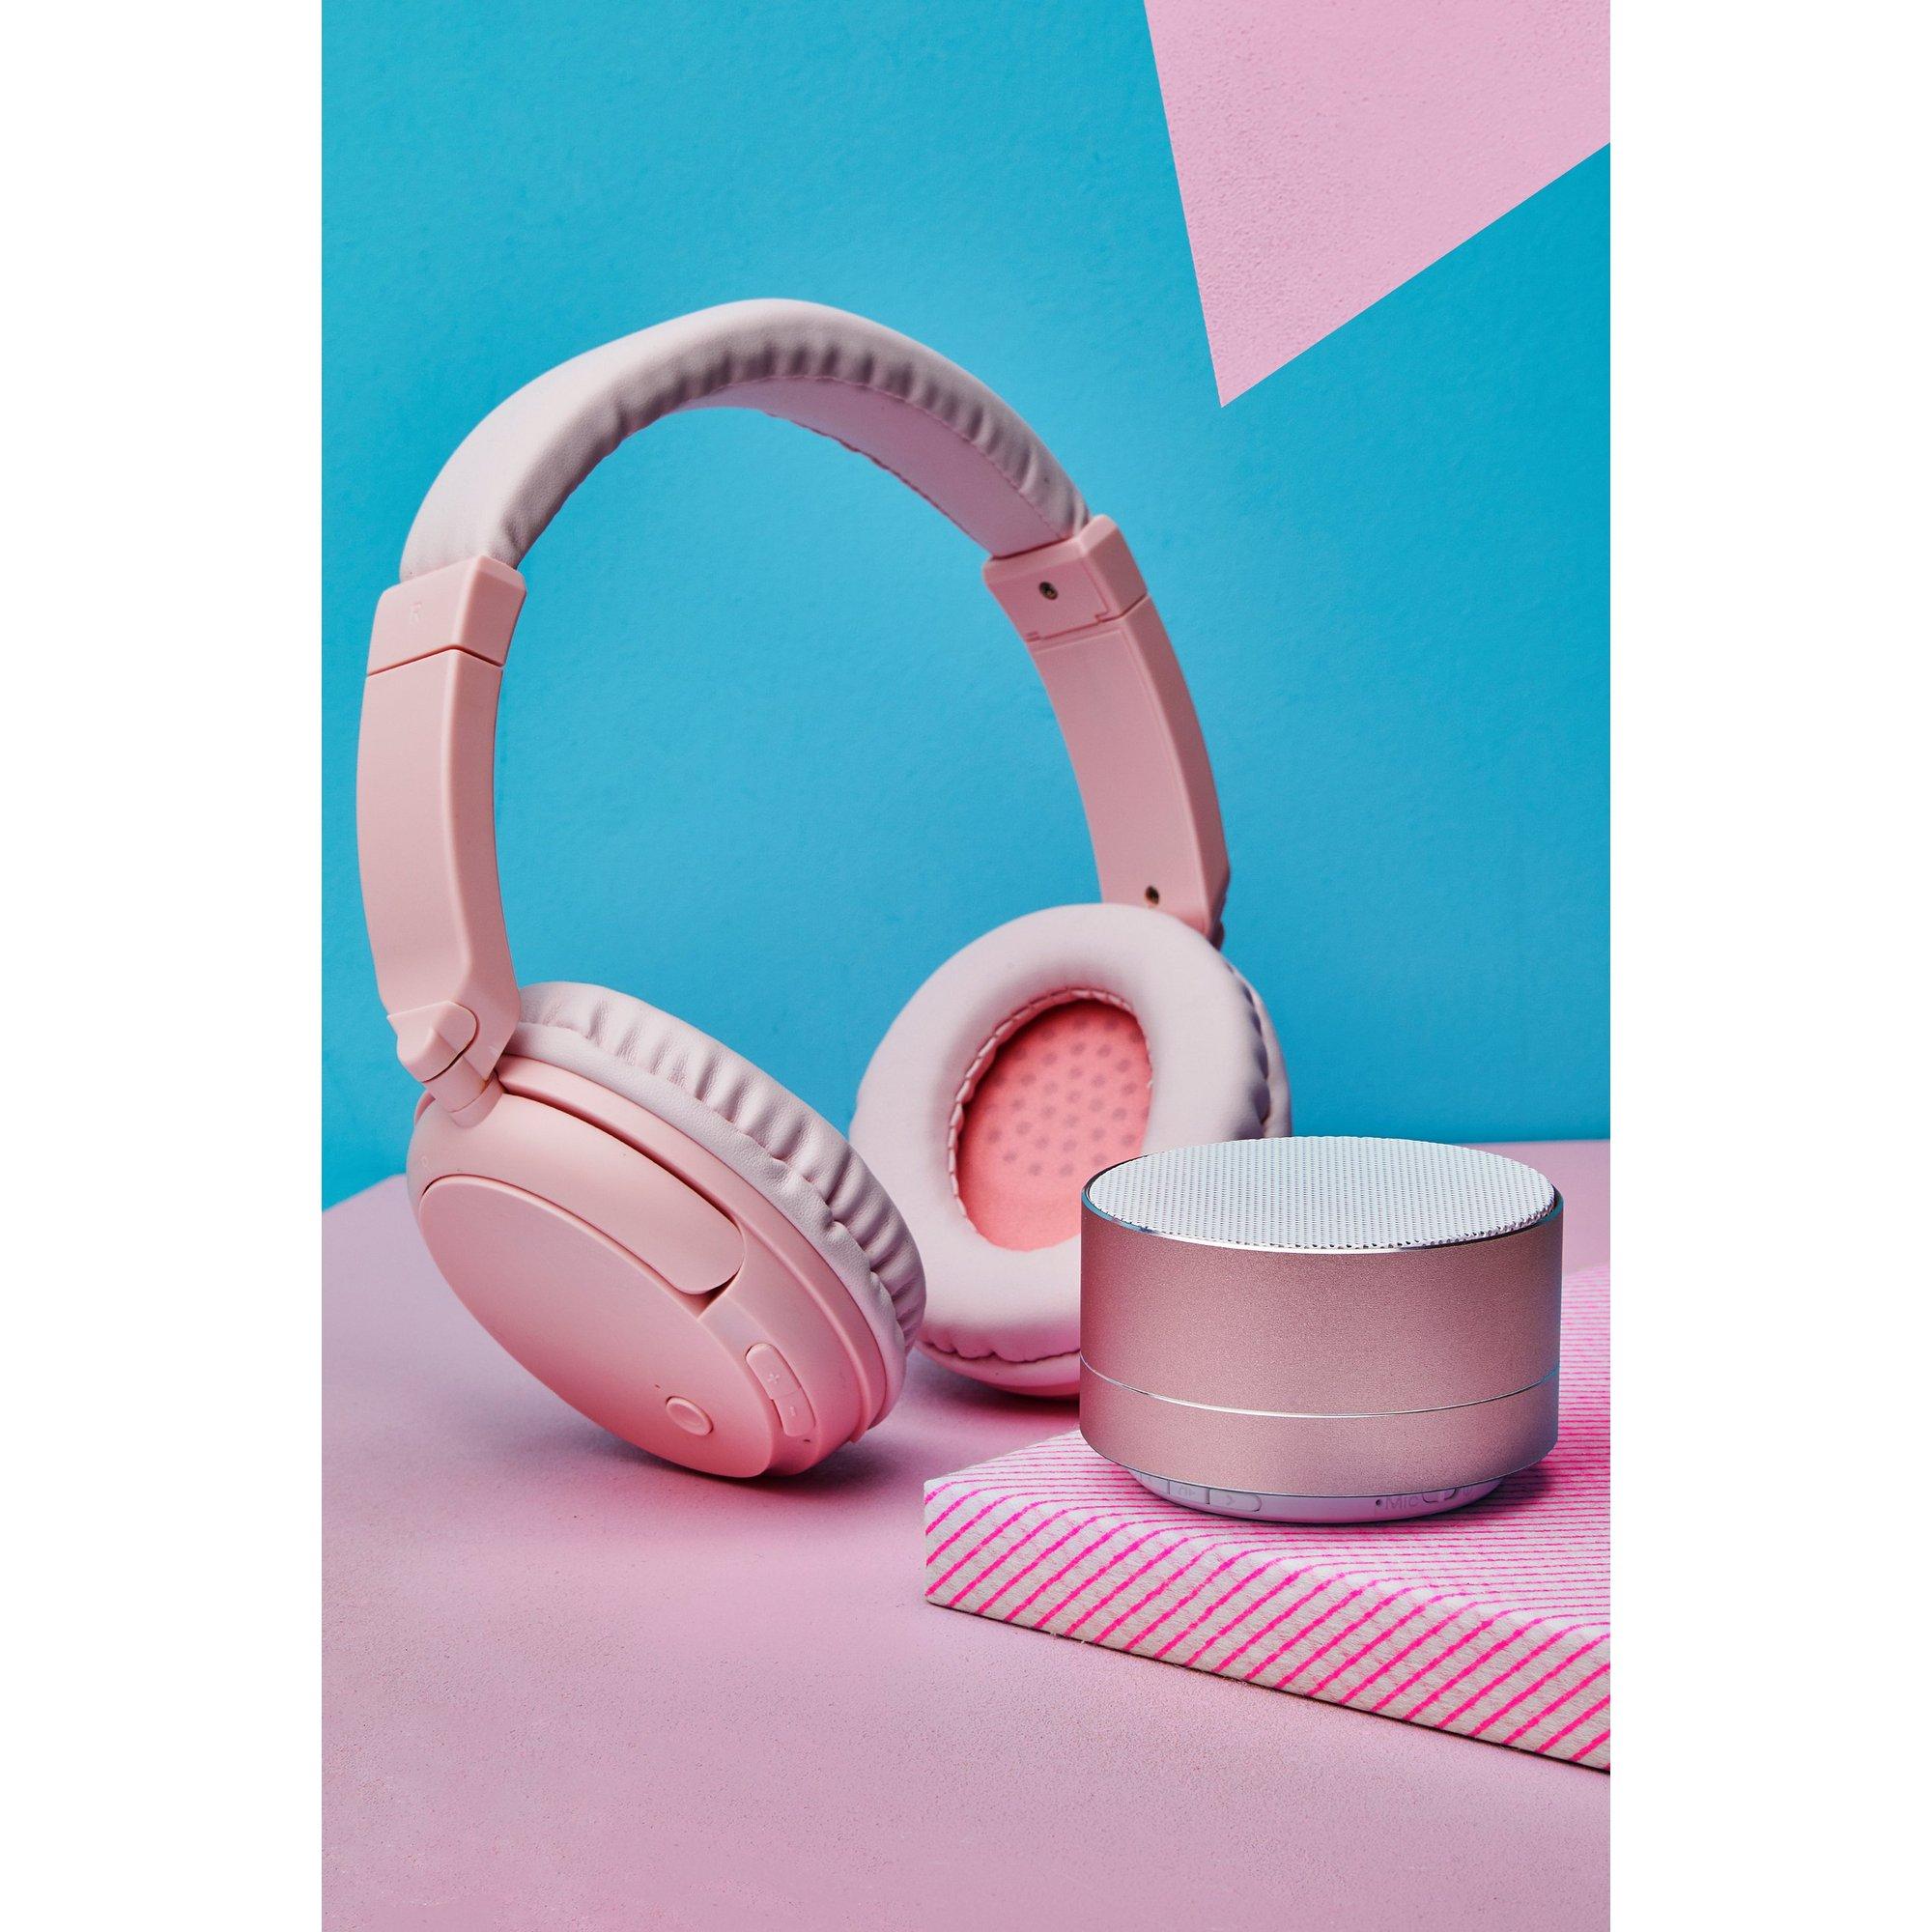 Image of 2 Piece Bluetooth Audio Set